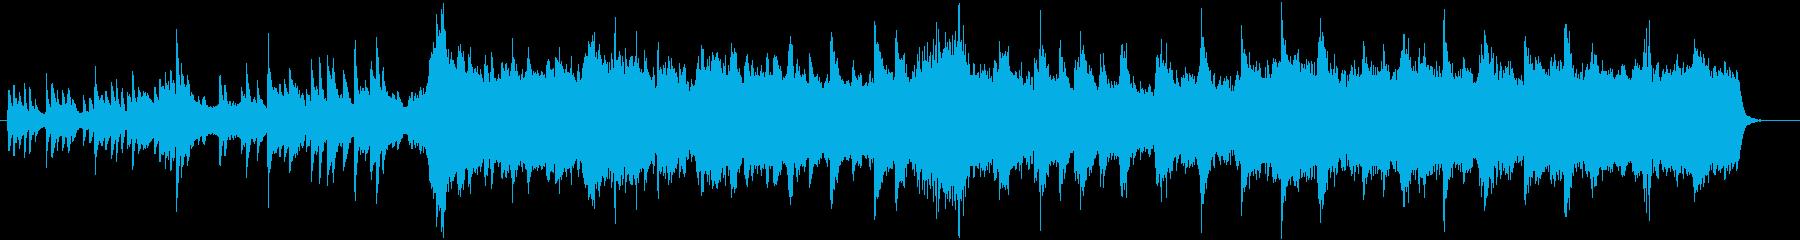 ゲーム、テーマソング用オーケストラ曲の再生済みの波形